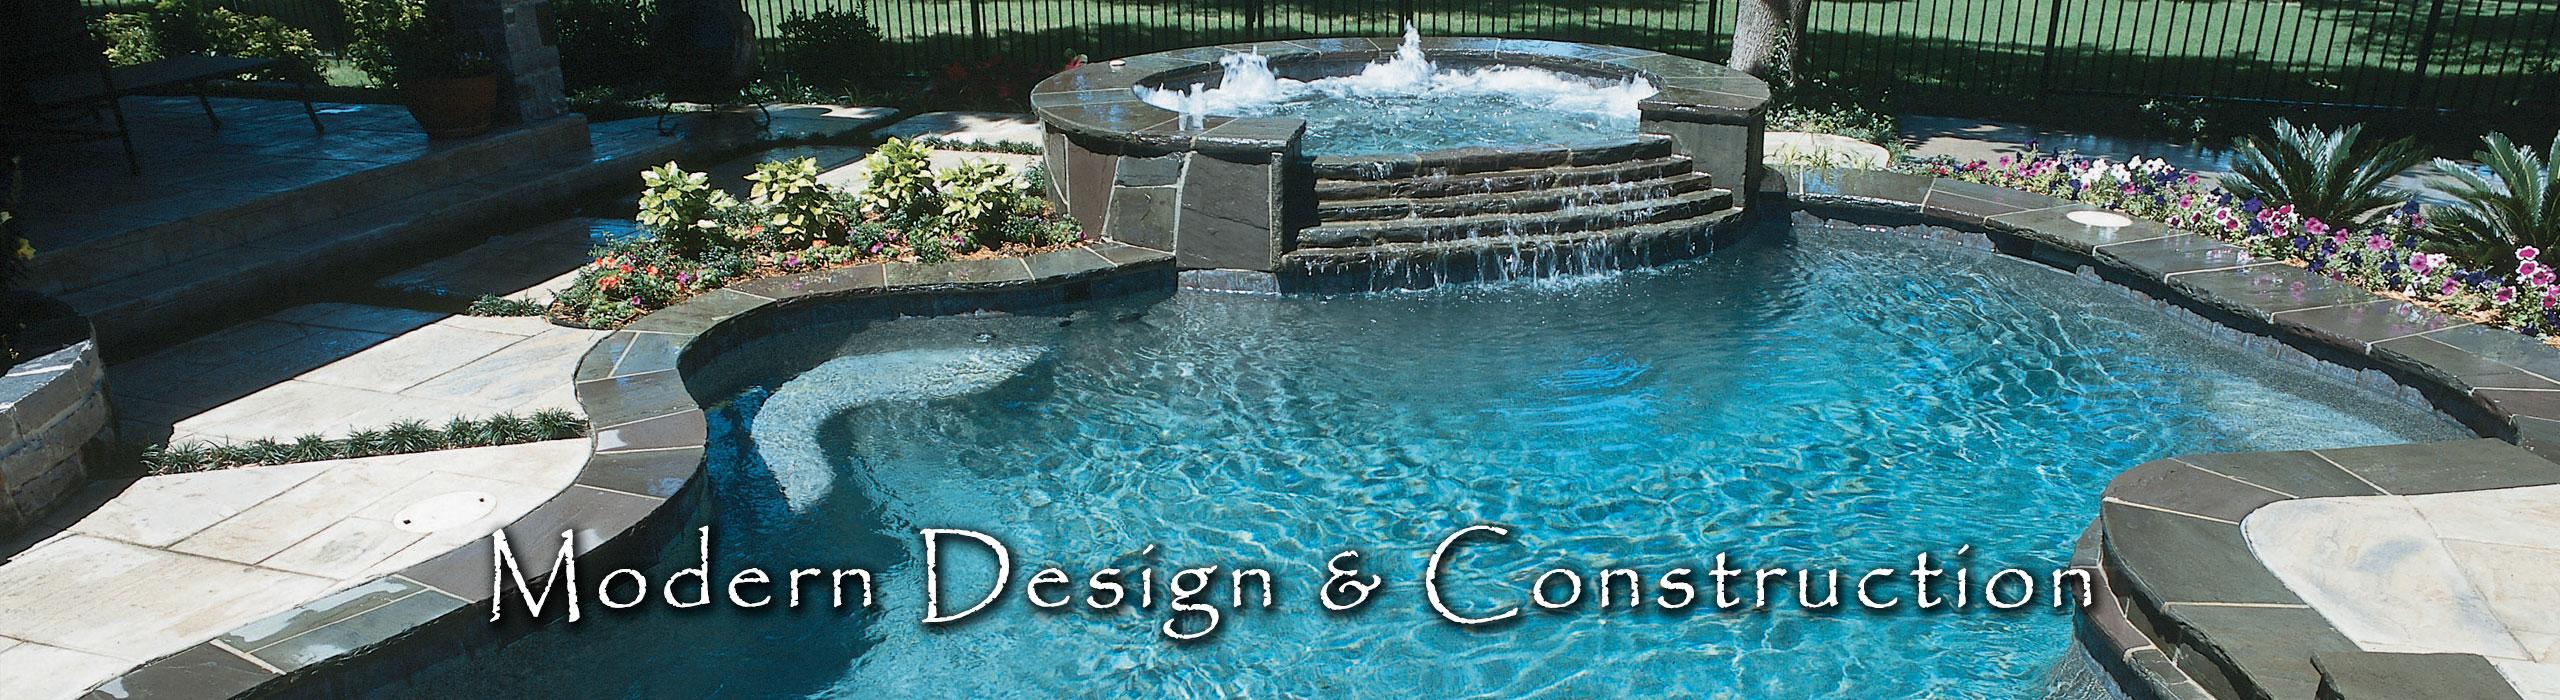 Swimming Pool Builder San Antonio